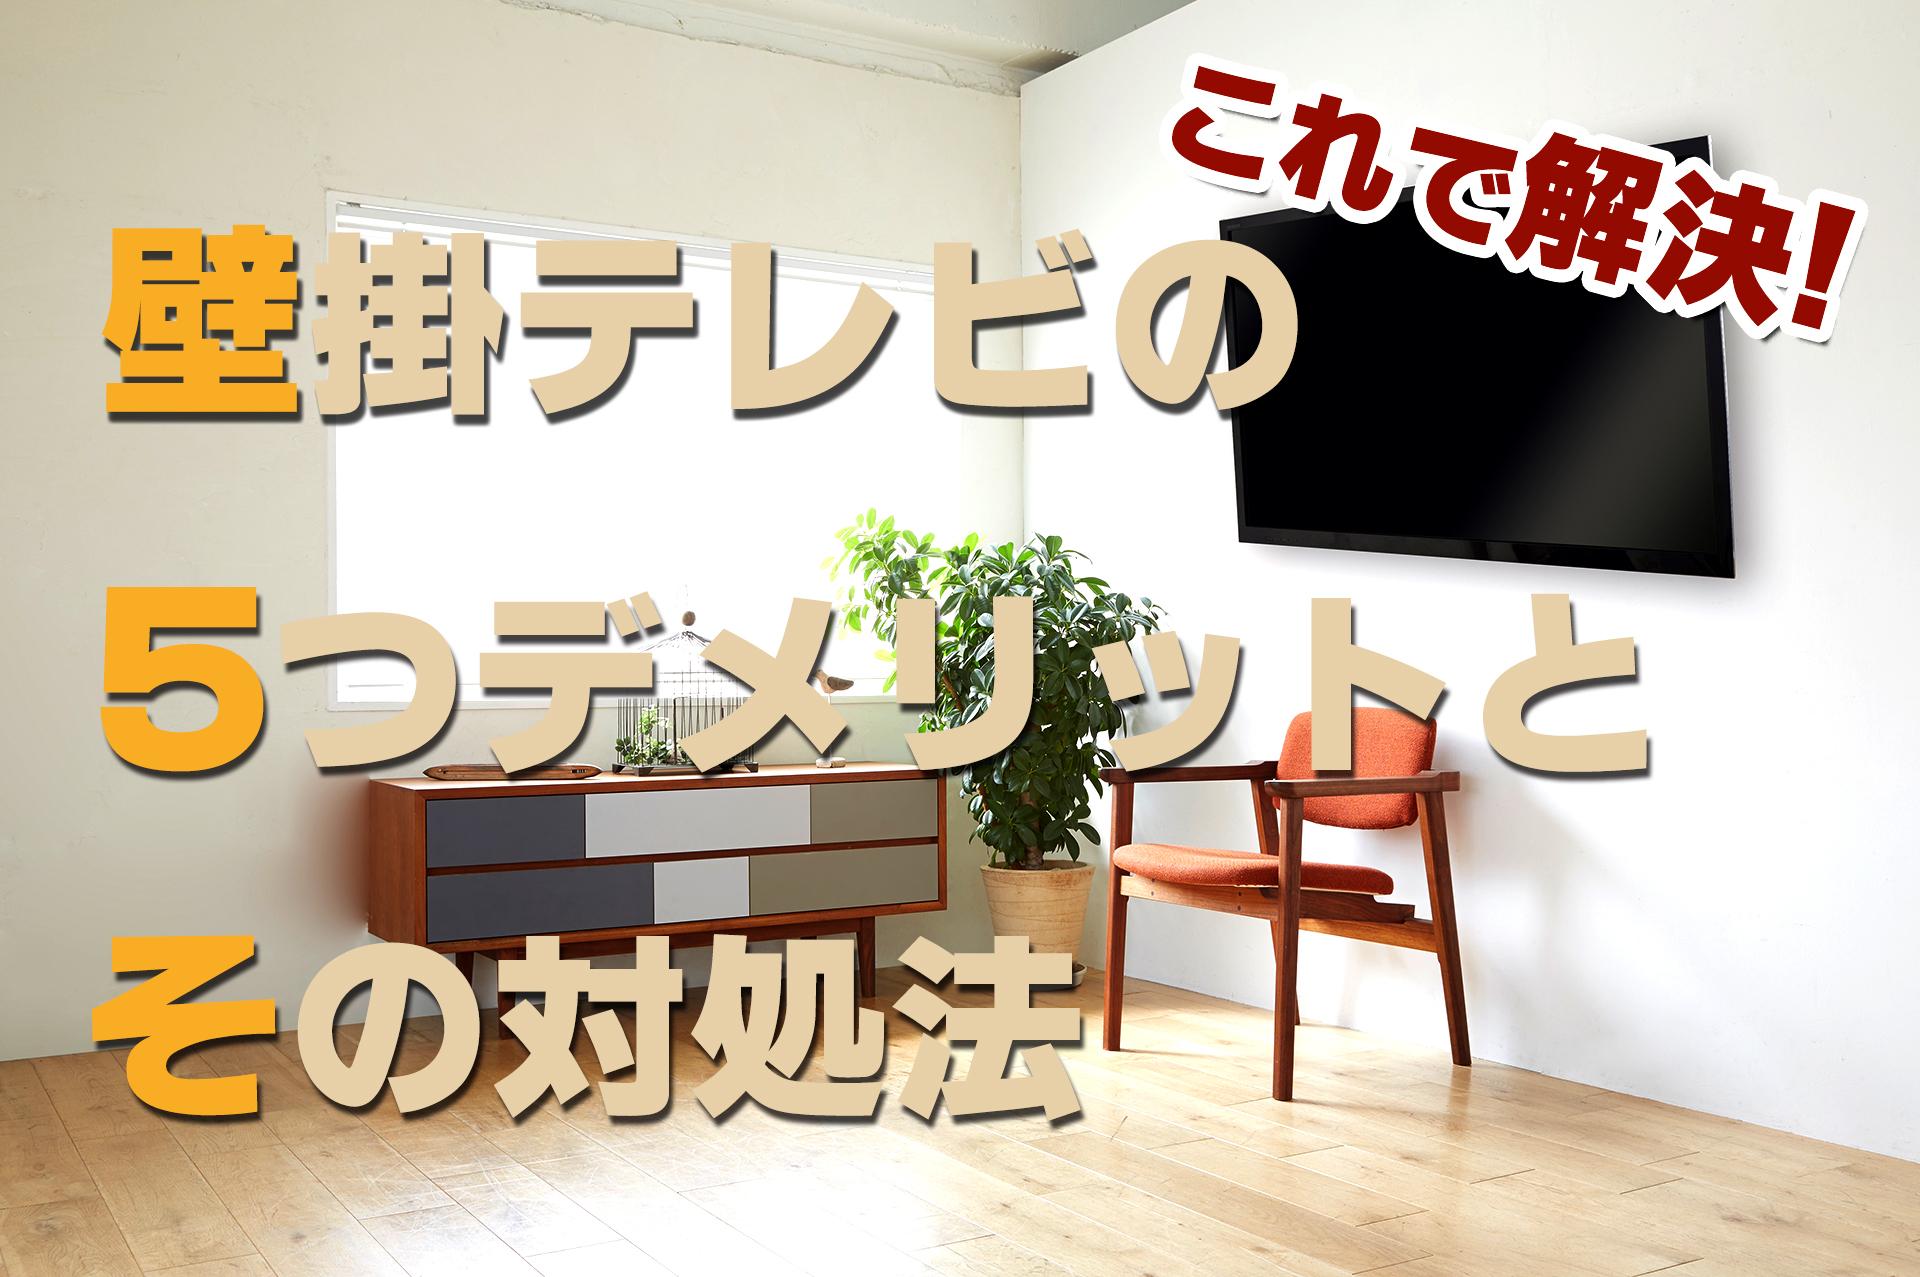 【これで解決!】壁掛けテレビ 5つのデメリットとその対処法